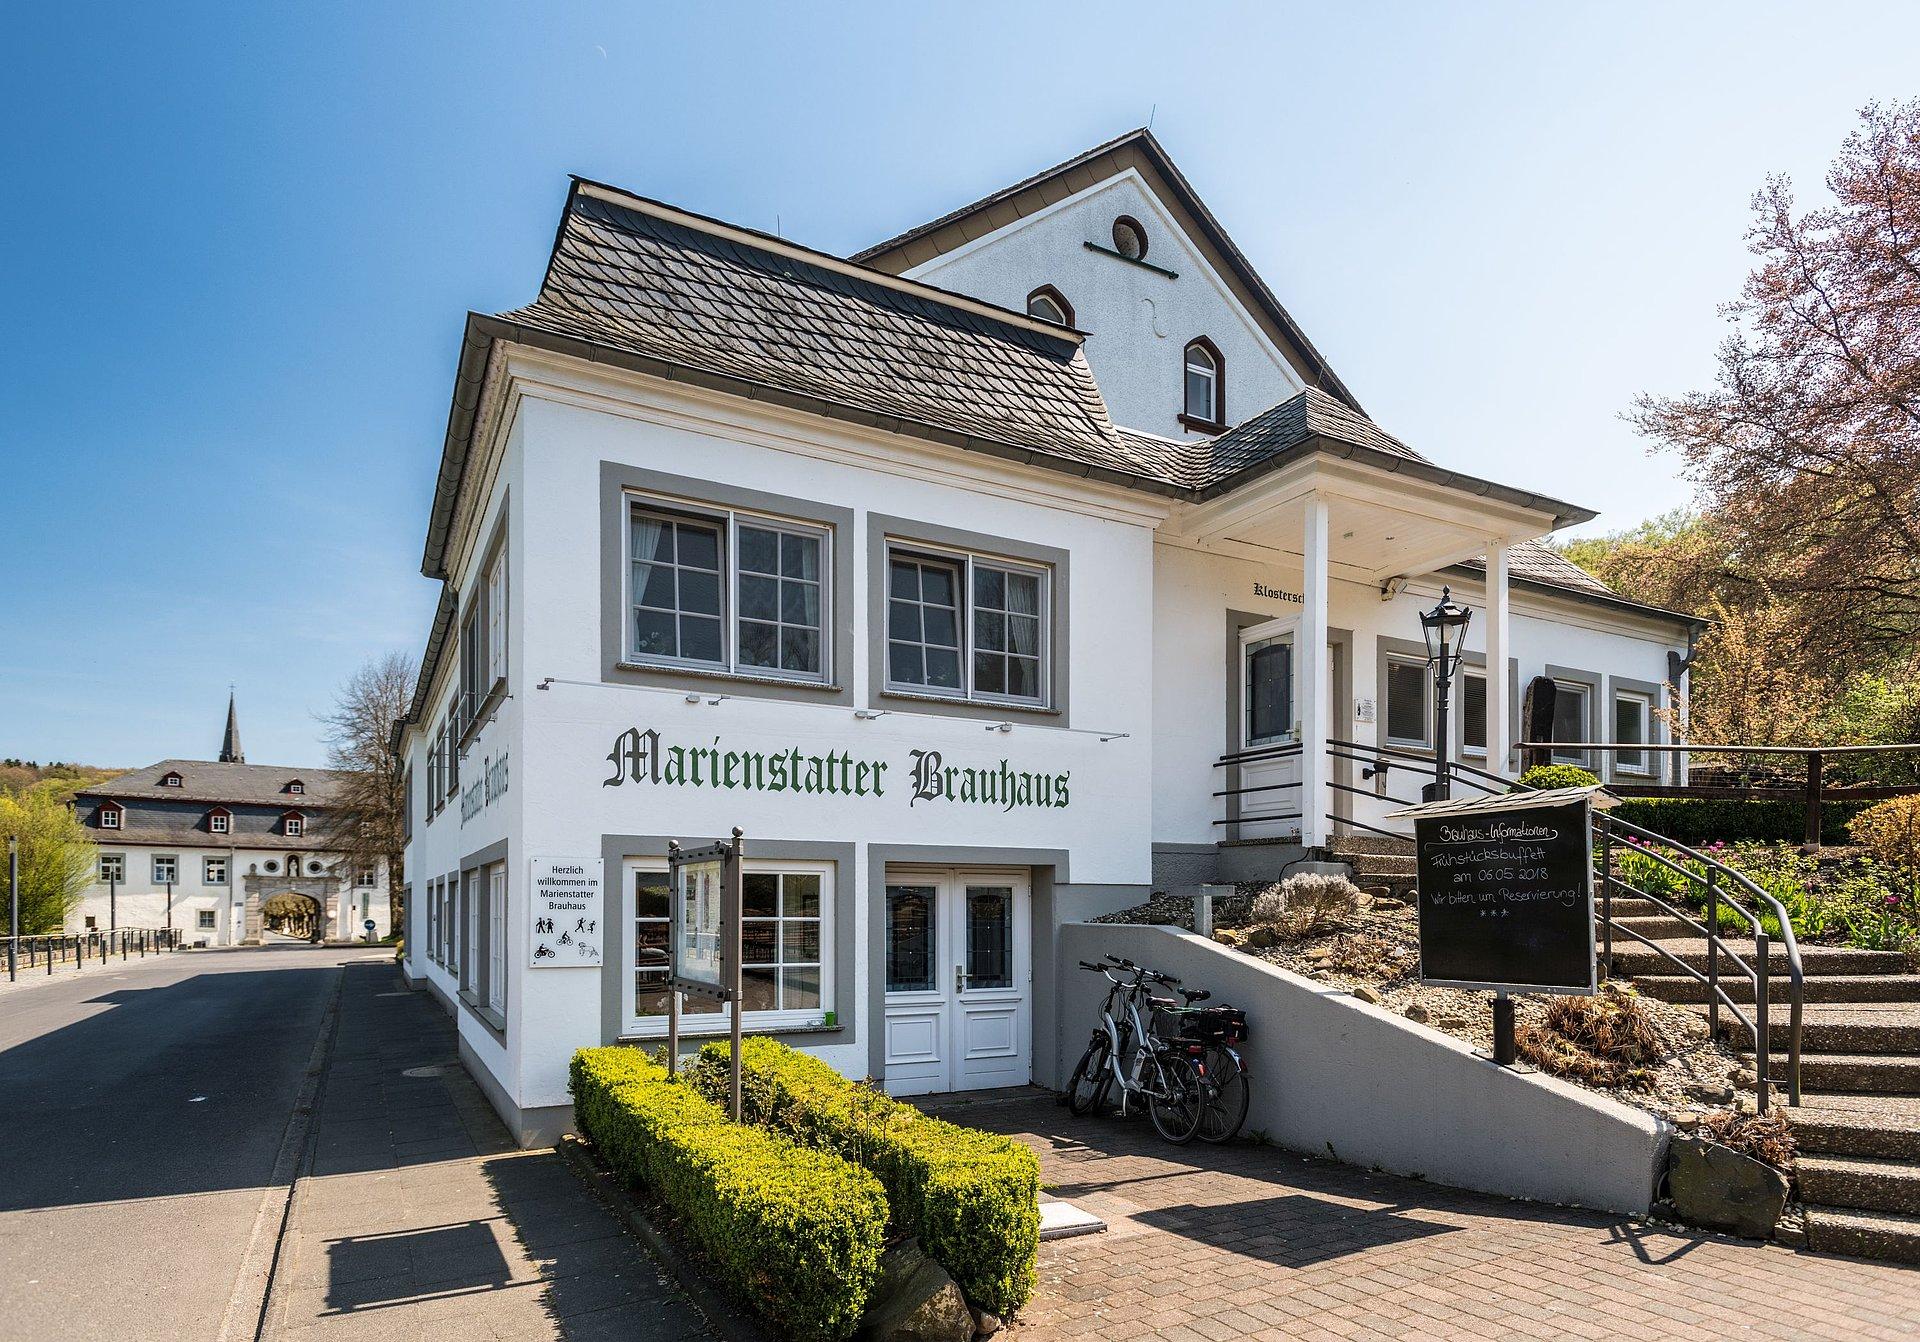 Marienstatt brewery in the Nistertal valley near Streithausen, Westerwald